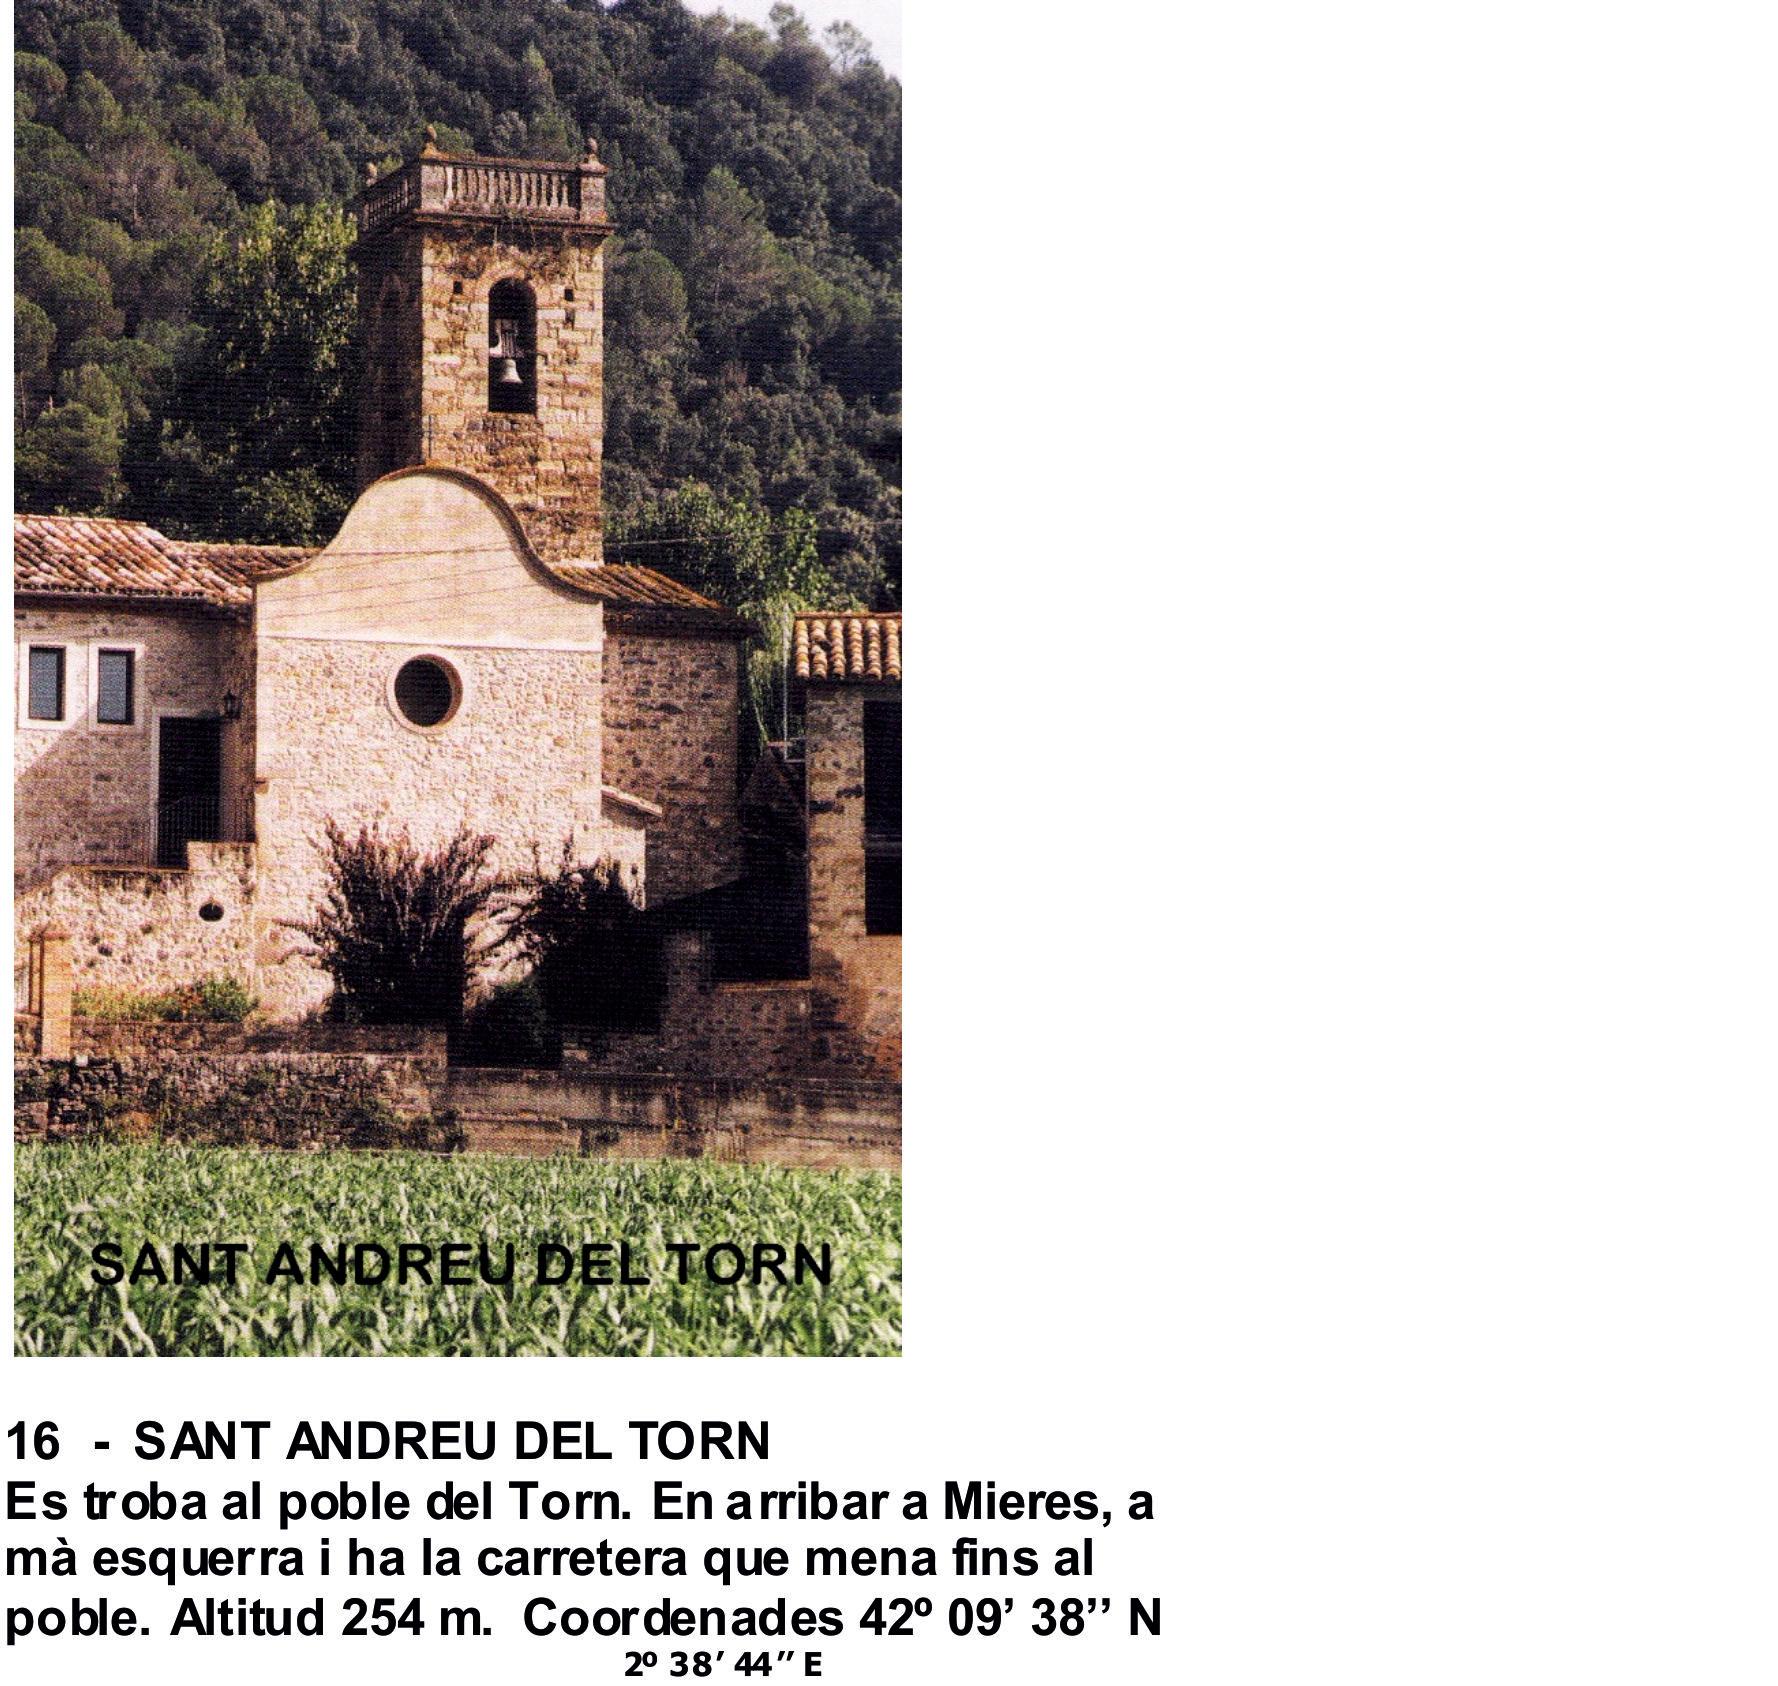 16  -  SANT ANDREU DEL TORN